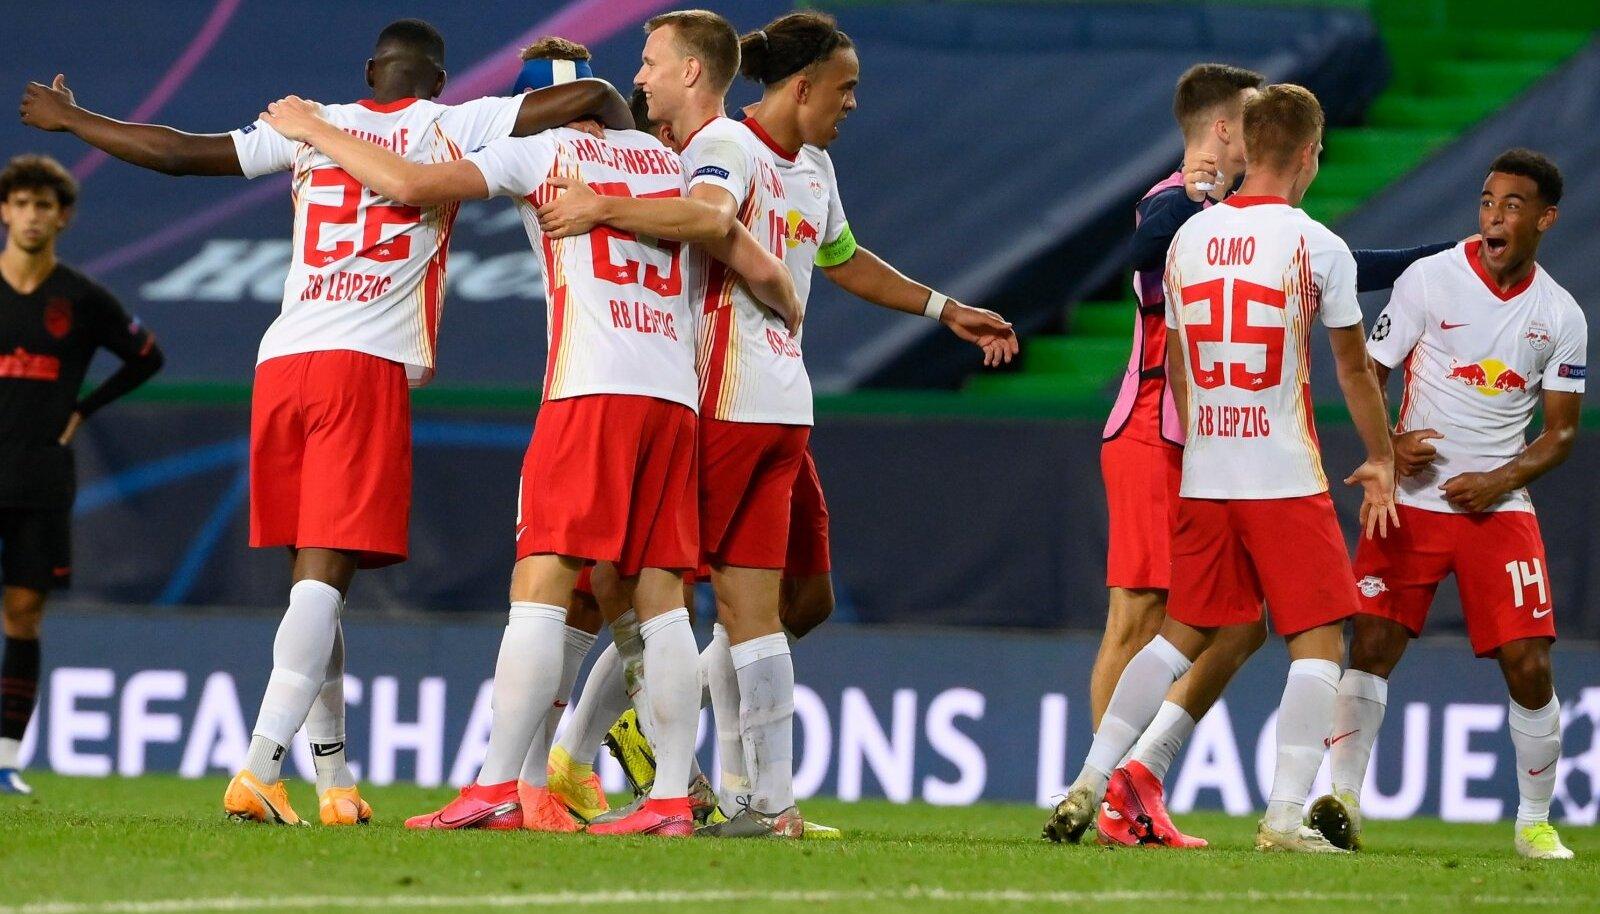 RB Leipzig jõudis klubi ajaloos esmakordselt Meistrite liigas poolfinaali.